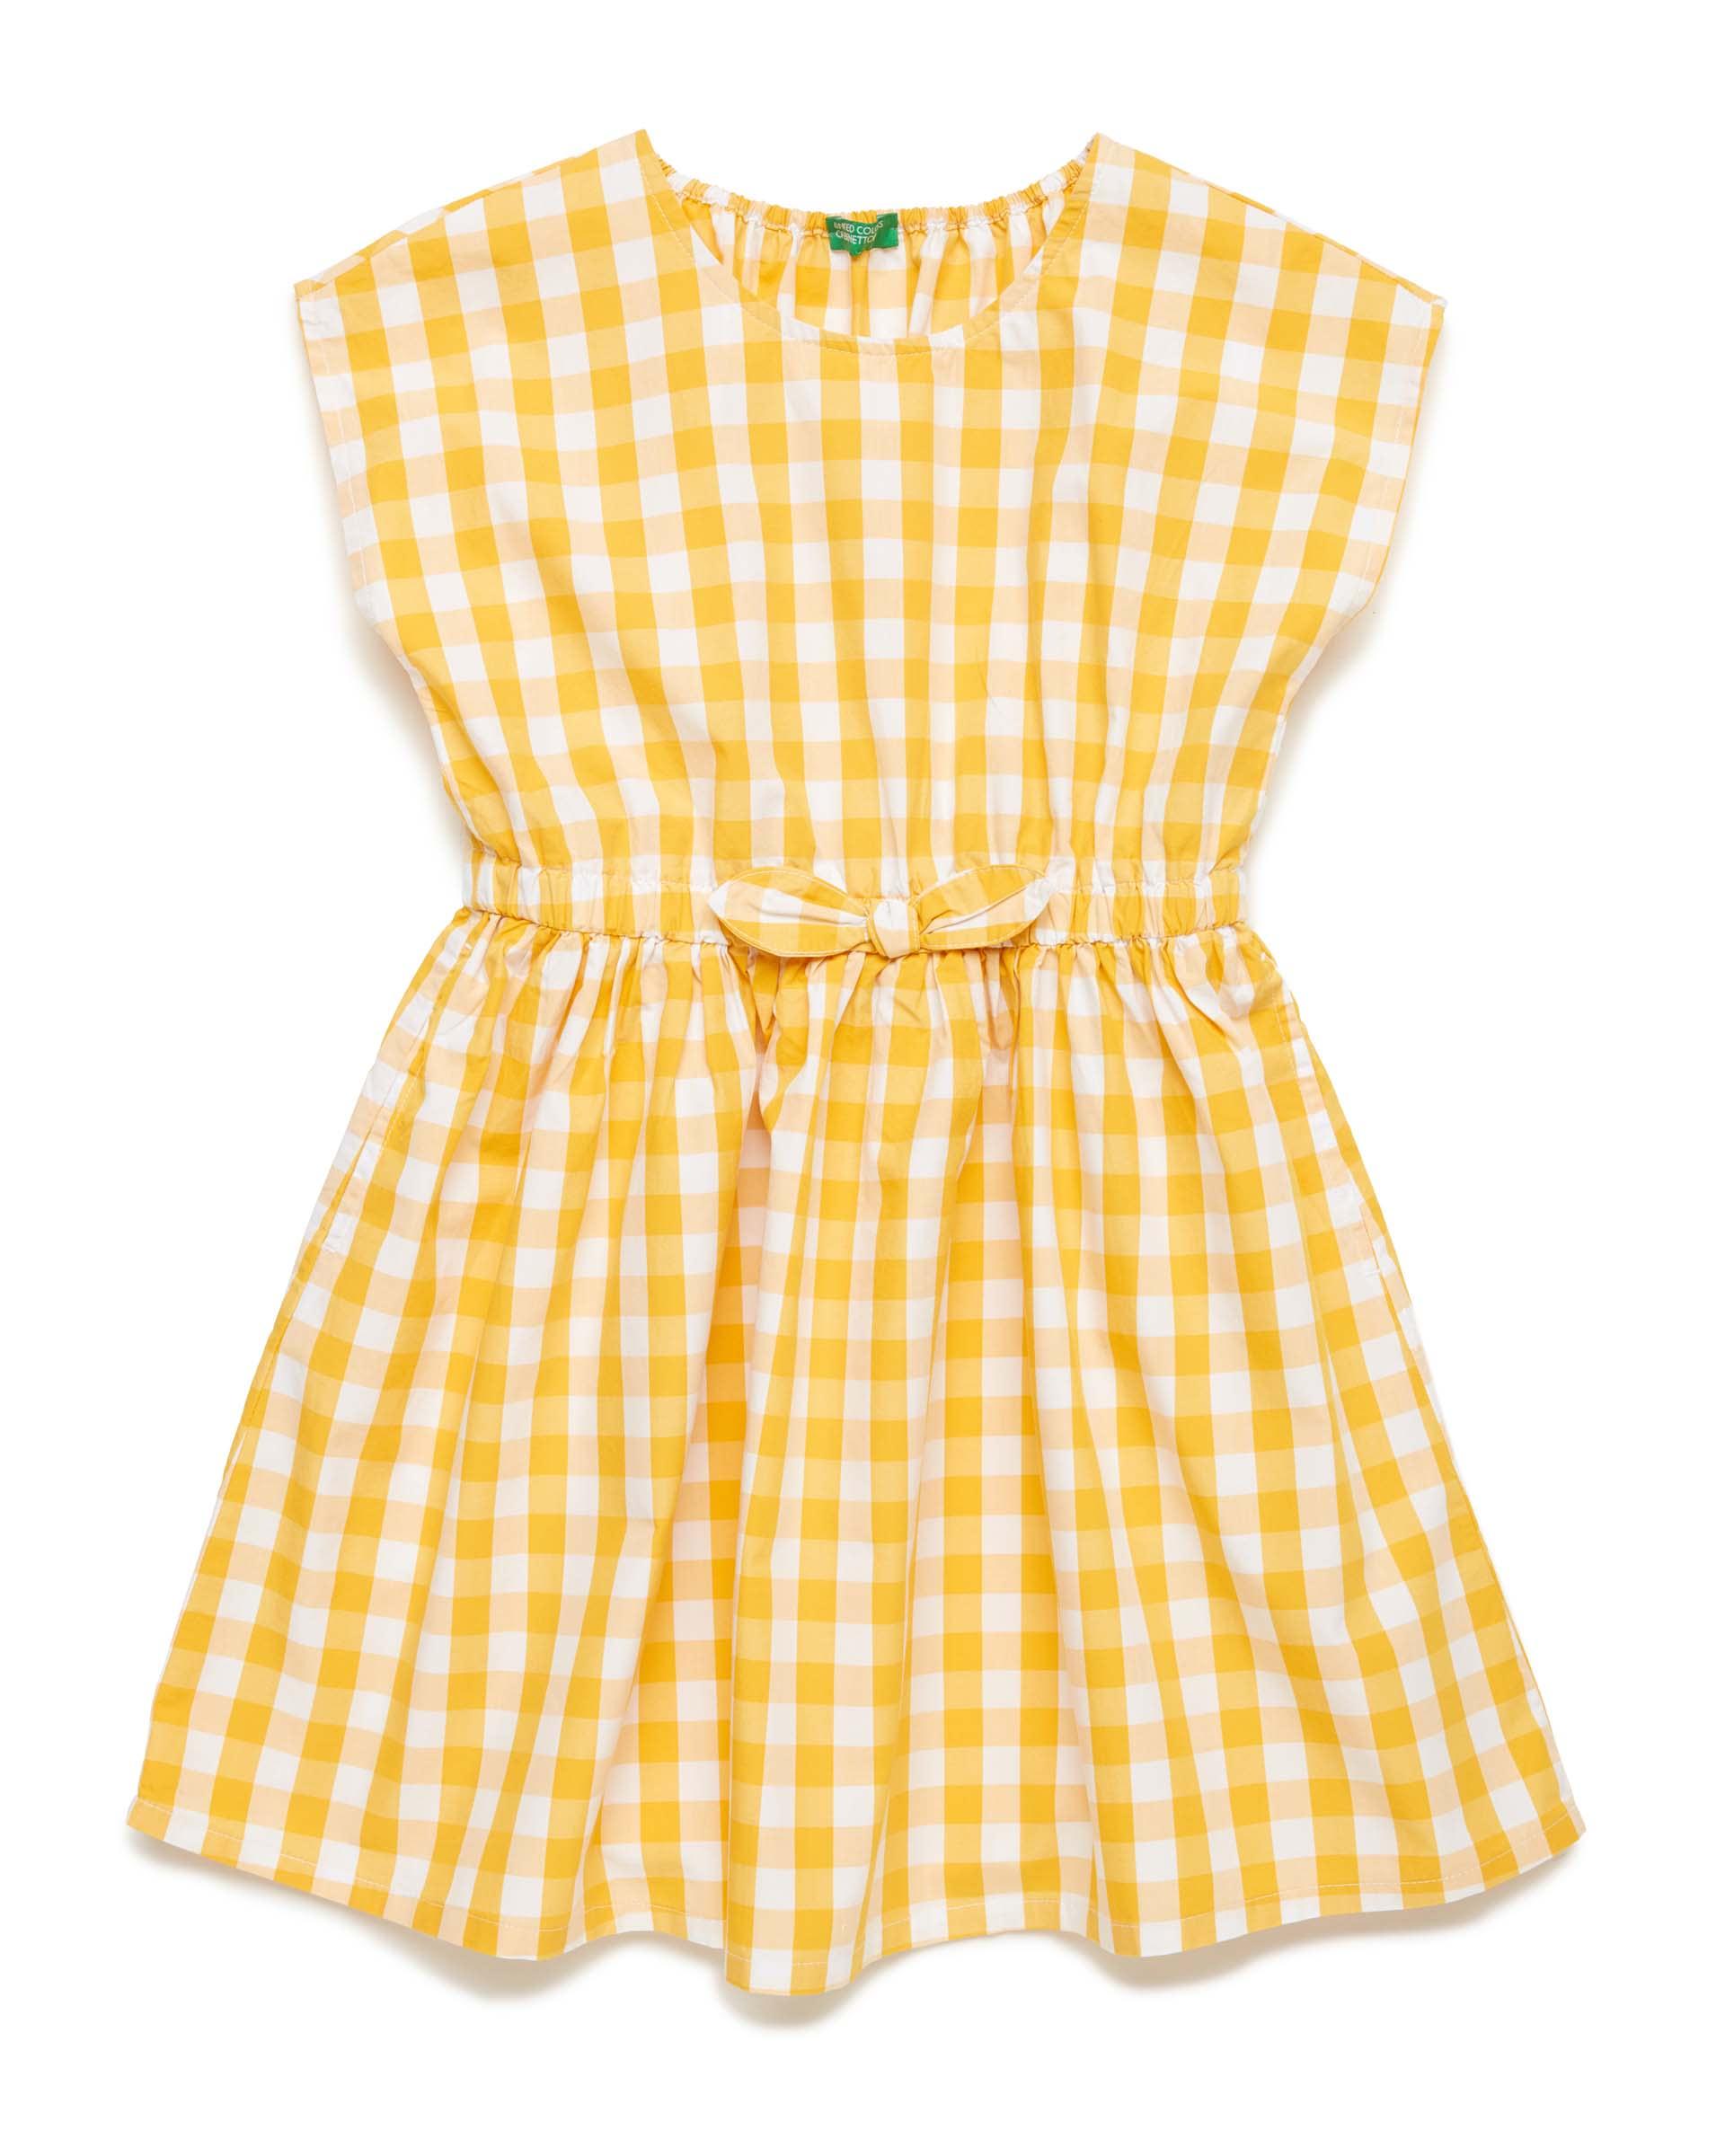 Купить 20P_4OT75VDG0_911, Платье для девочек Benetton 4OT75VDG0_911 р-р 170, United Colors of Benetton, Платья для девочек